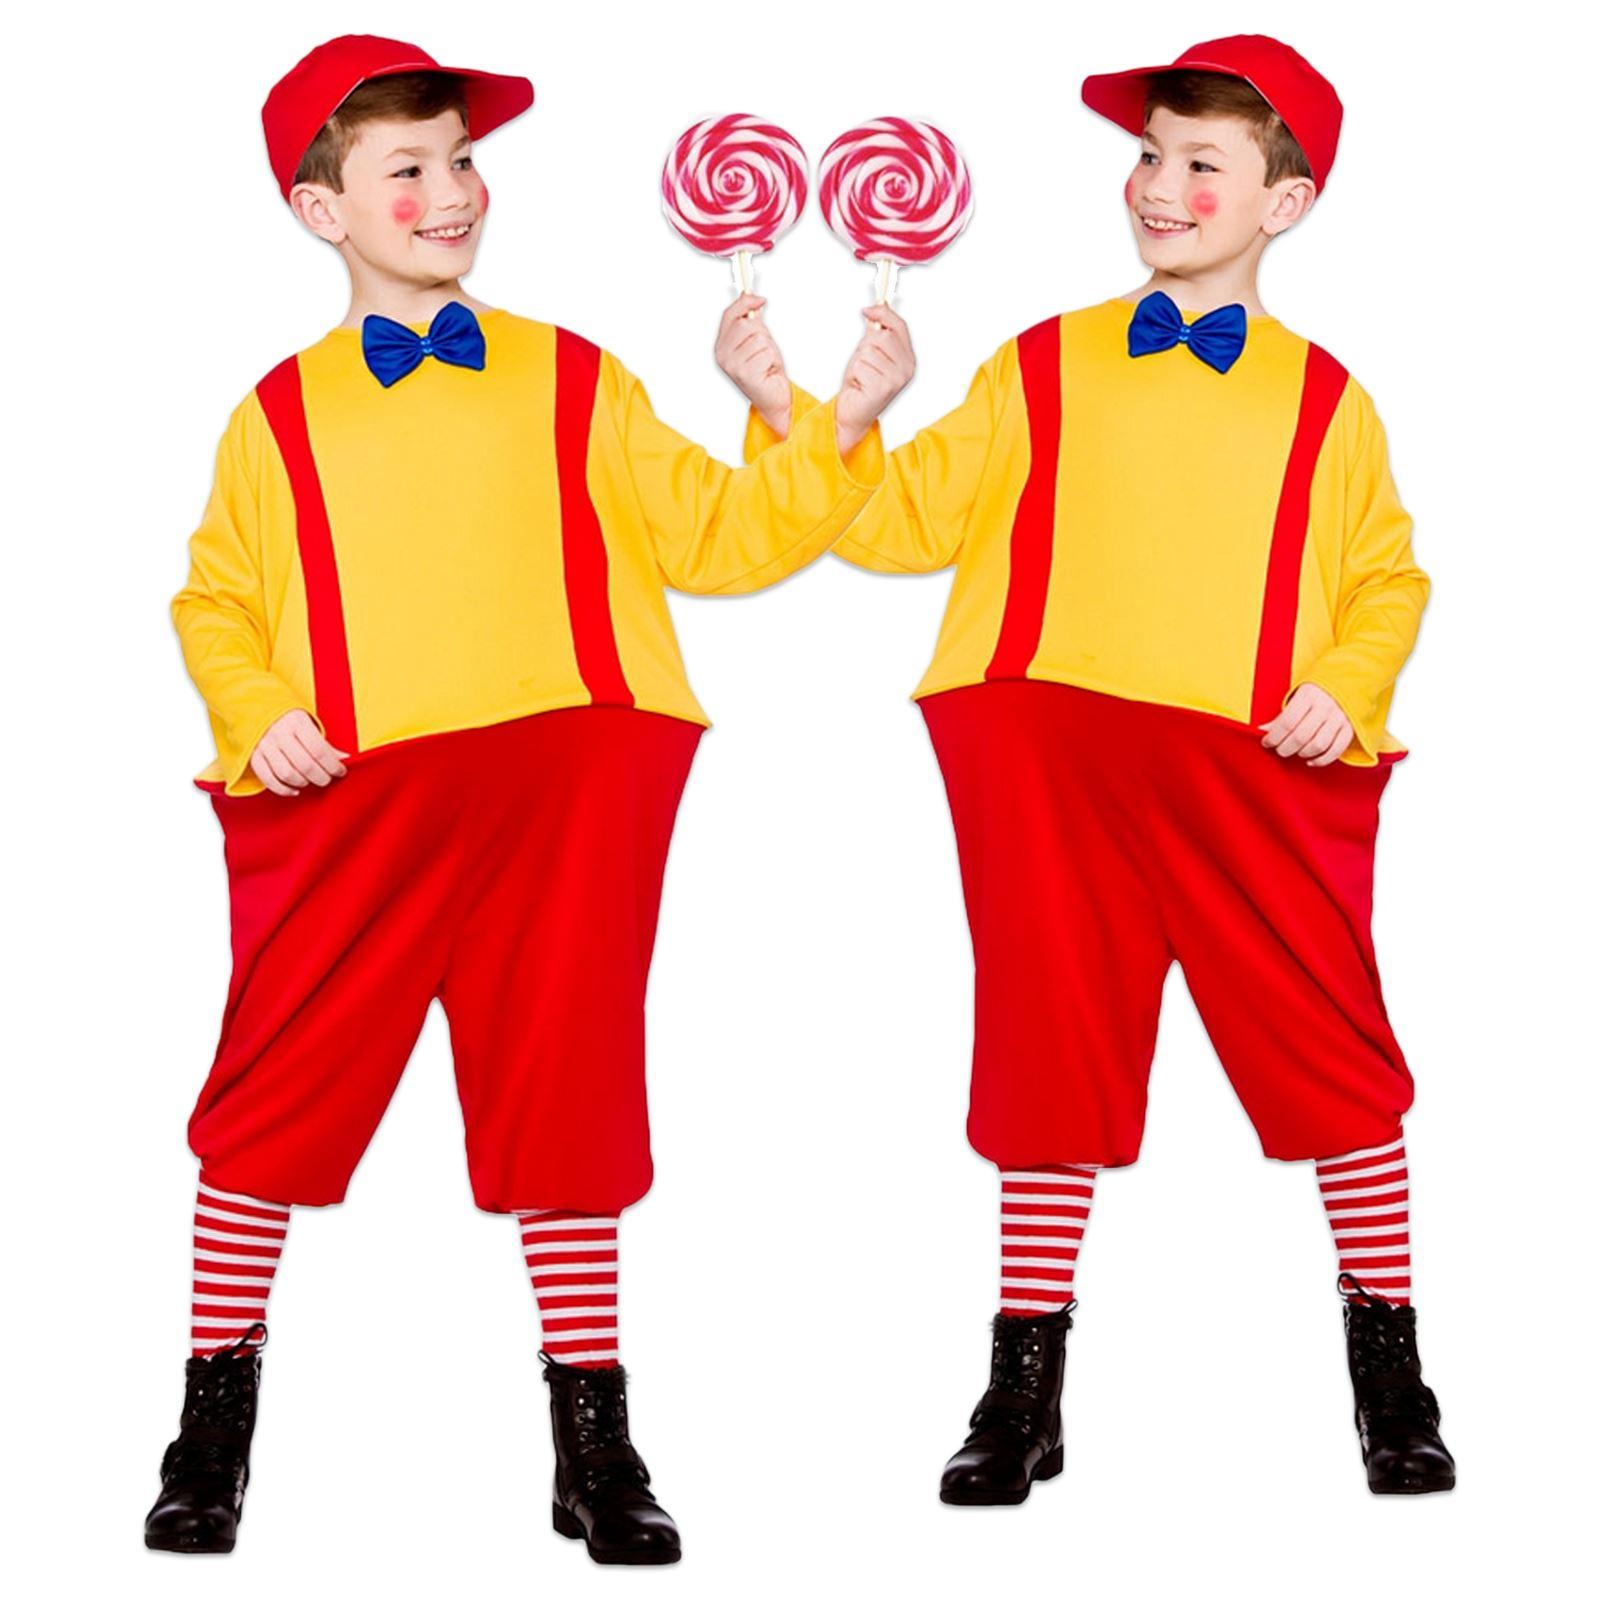 KIDS CHILDS TWEEDLE DEE DUM STORY BOOK WEEK TWINS FANCY DRESS